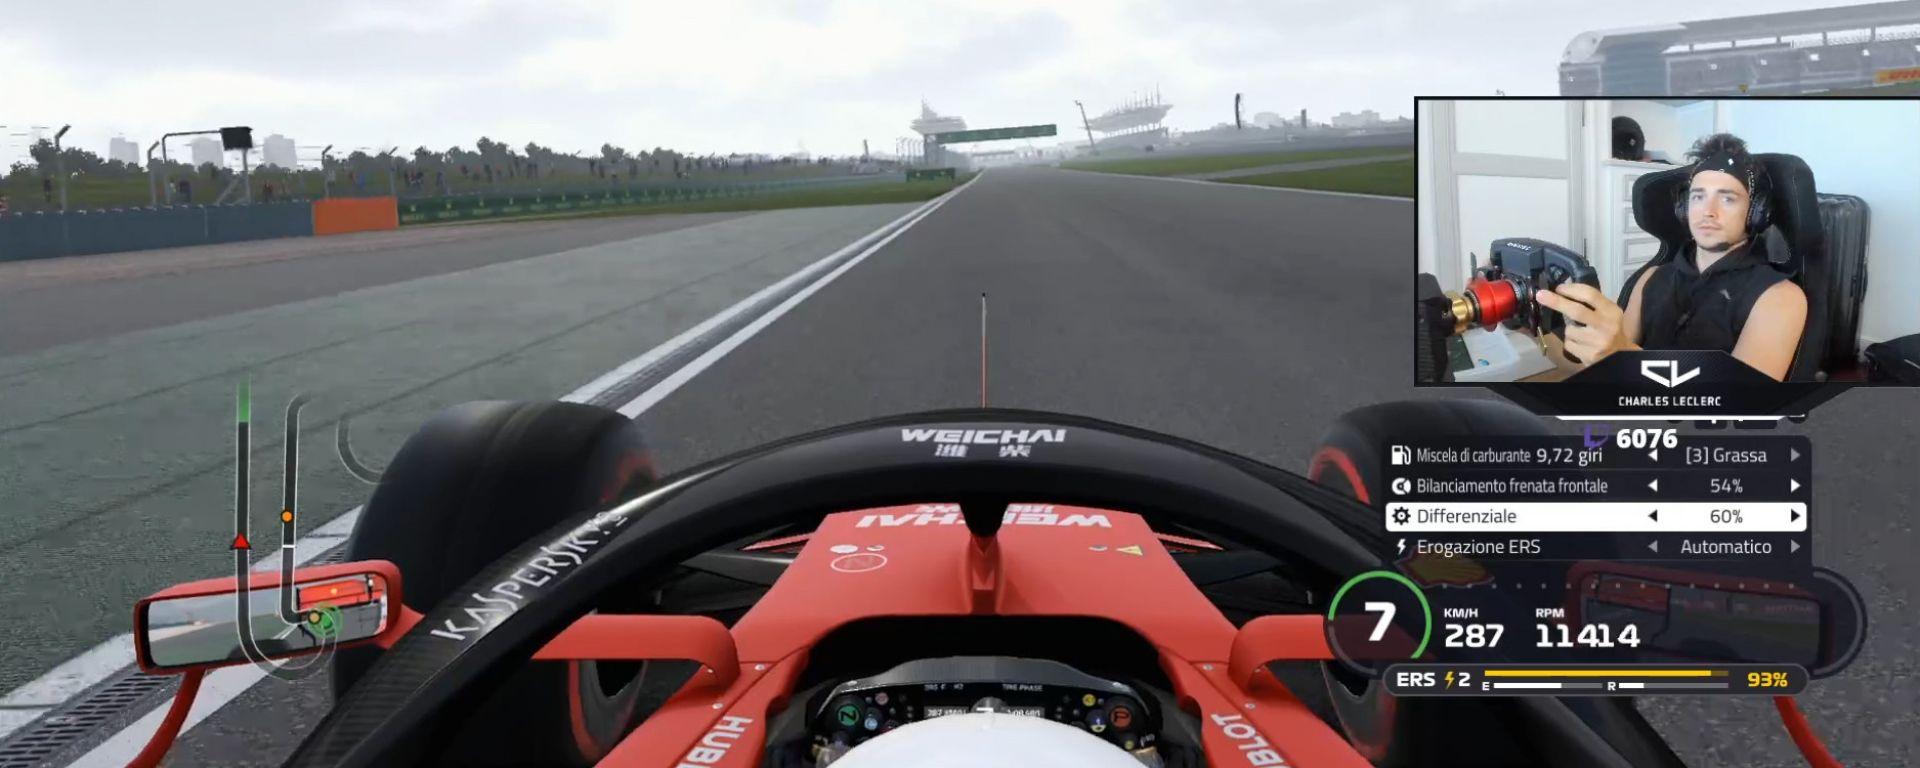 F1, una diretta Twitch di Charles Leclerc (Ferrari)